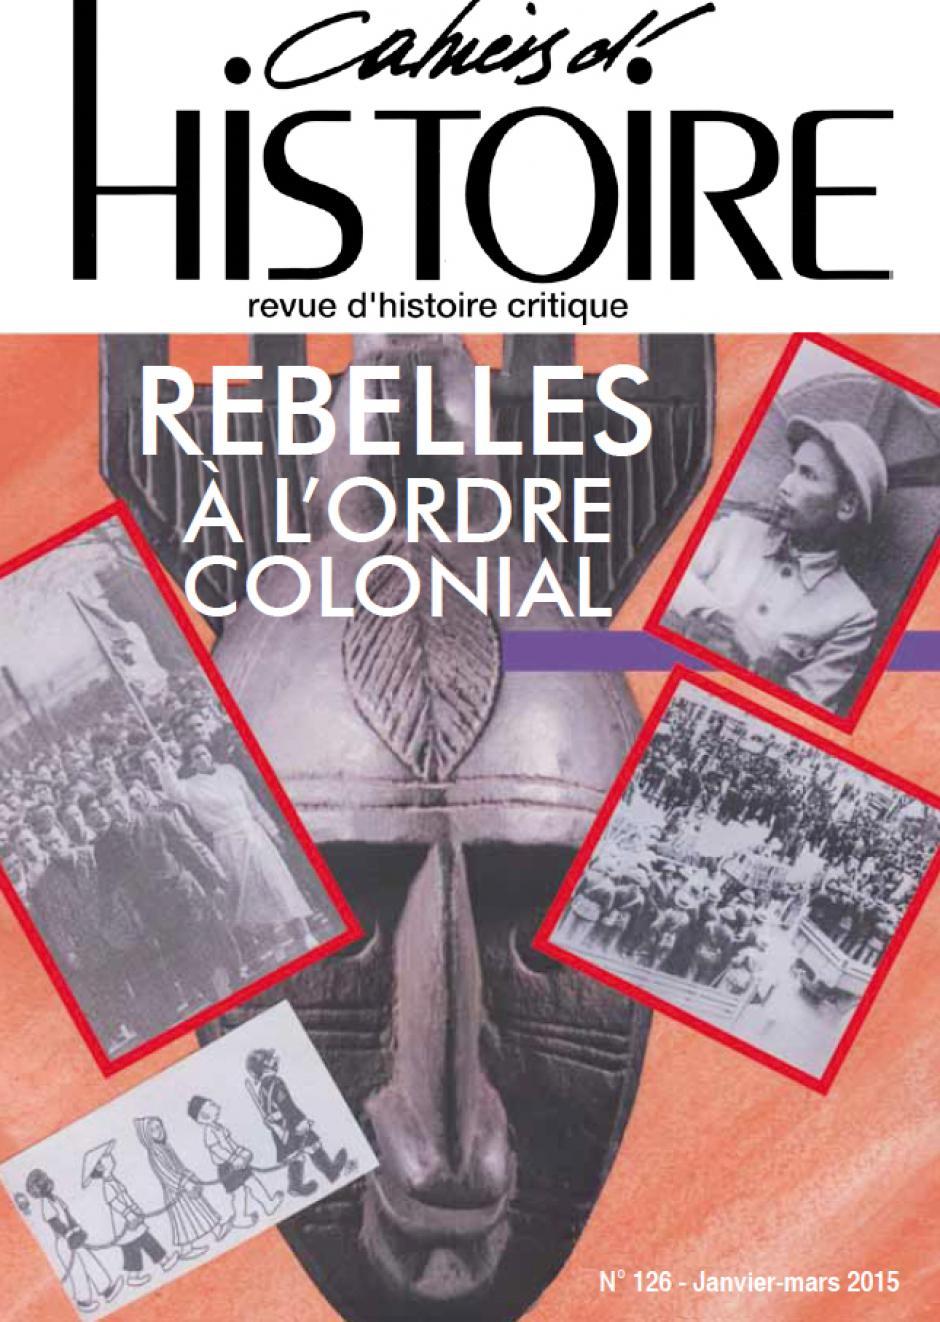 « Rebelles à l'ordre colonial », Séverine Charret